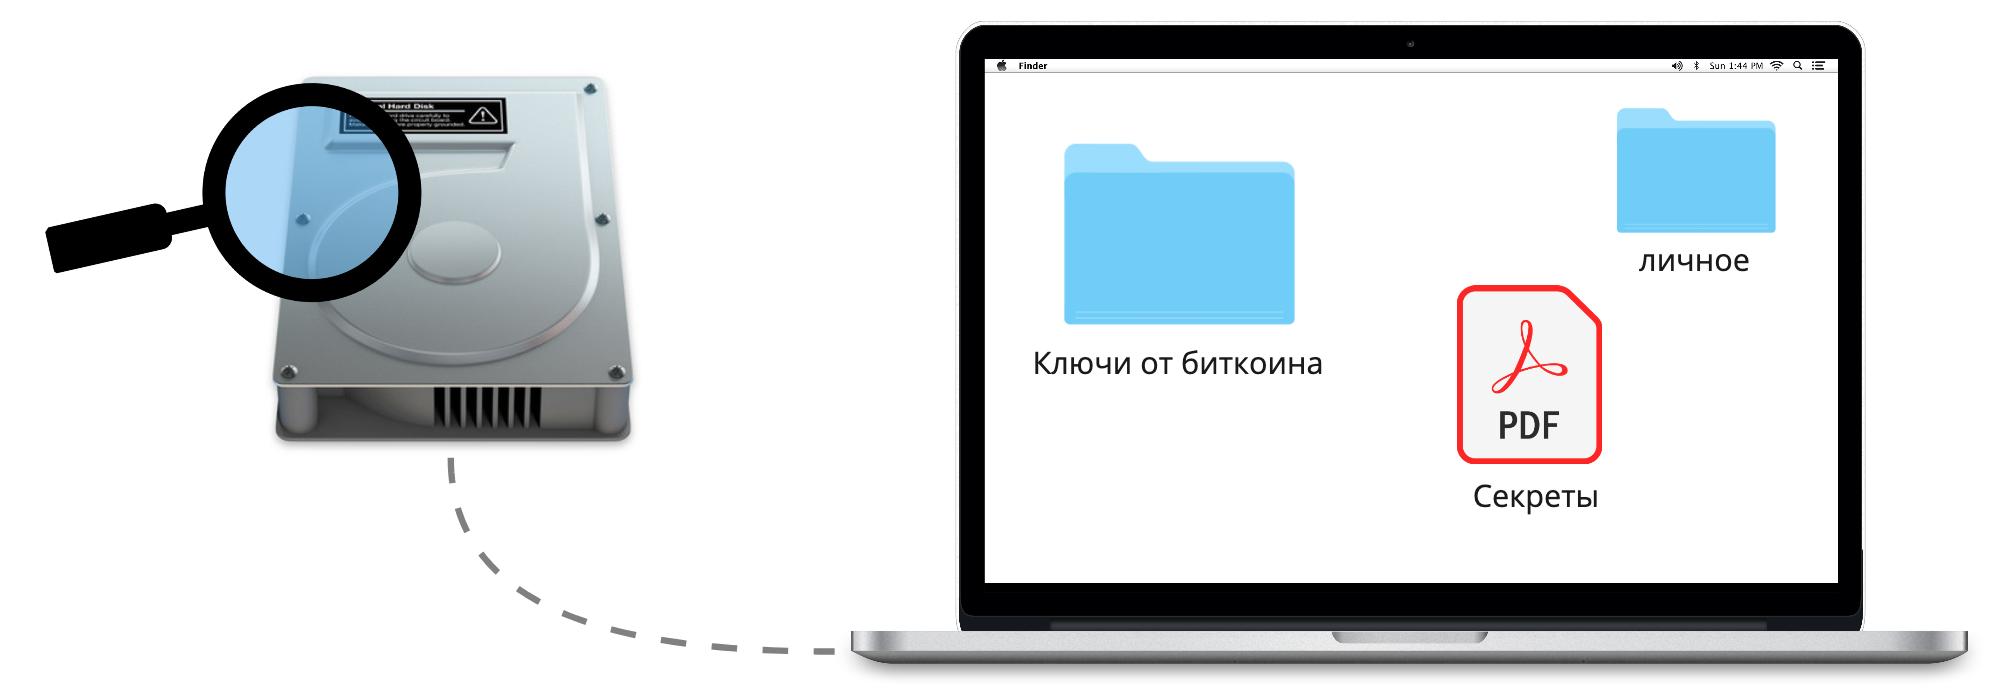 Как украсть Macbook - 9